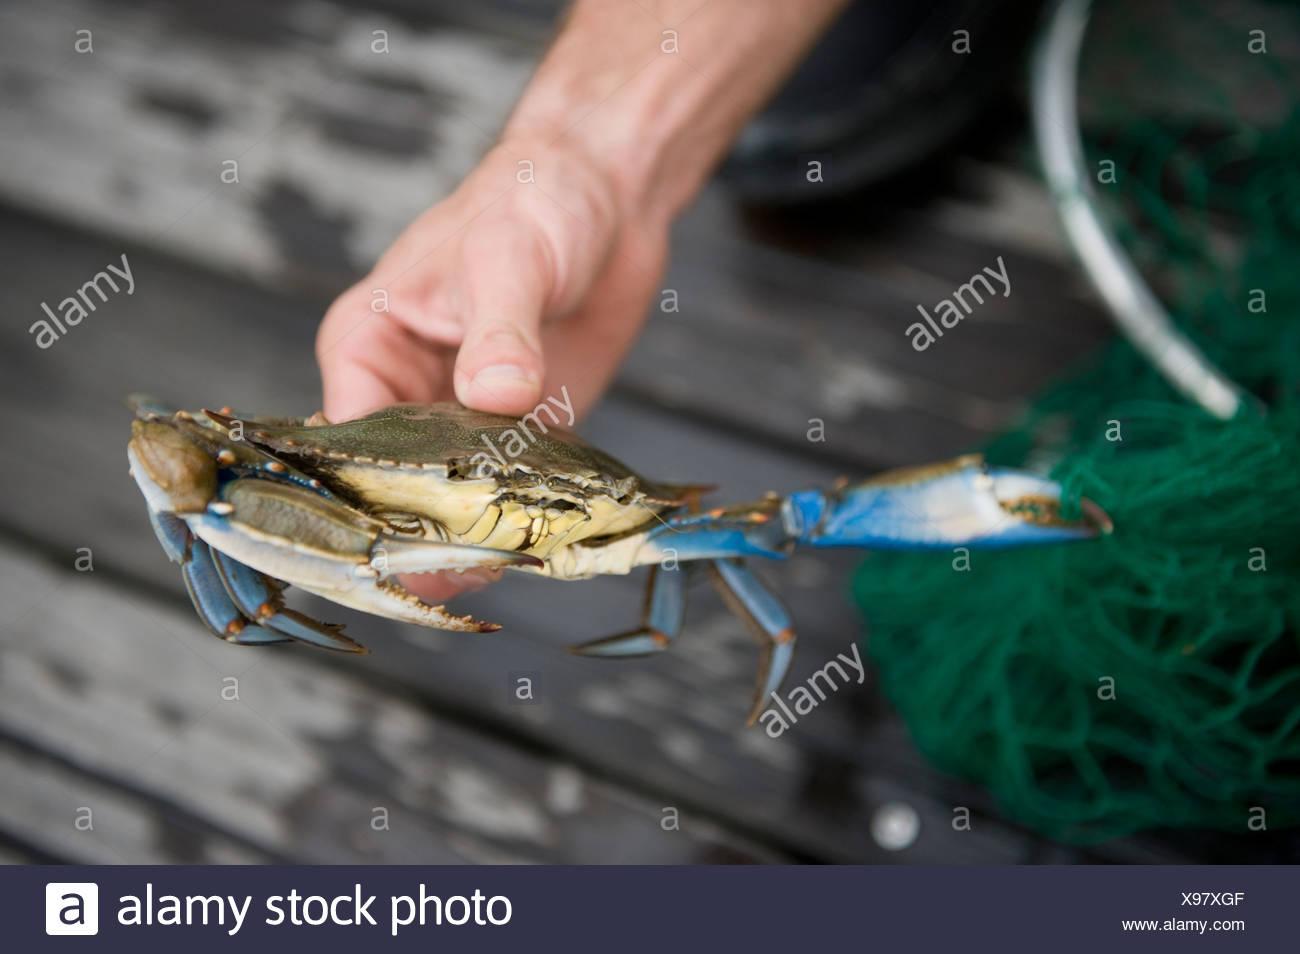 risalente a un pescatore granchiobuoni siti di incontri come POF